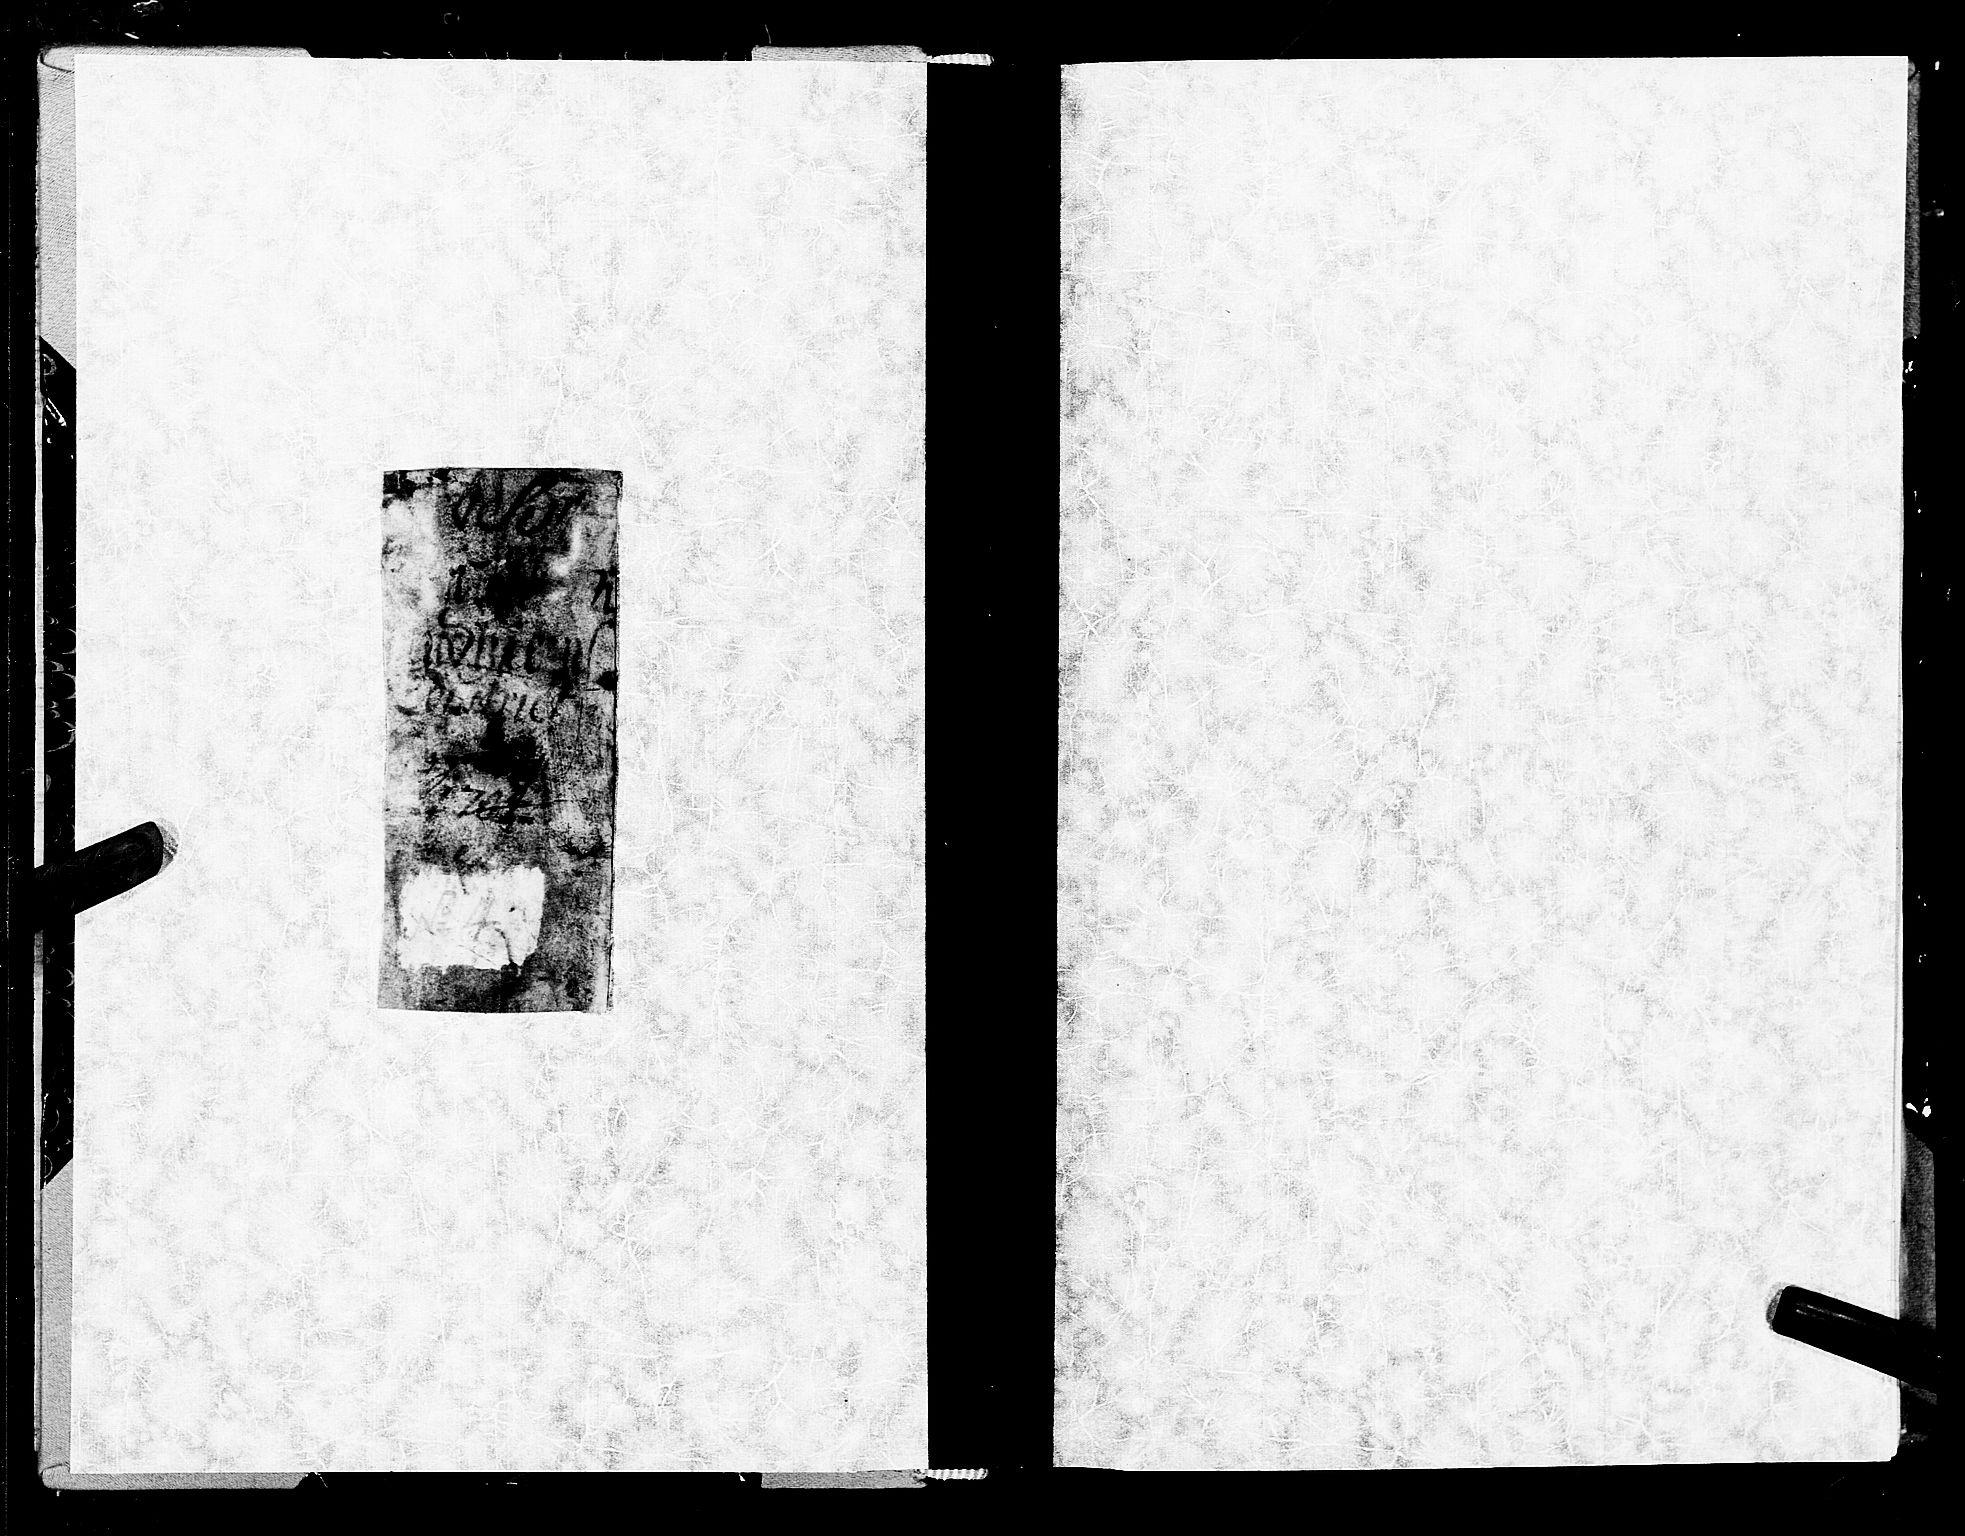 SAT, Sjøinnrulleringen - Trondhjemske distrikt, 01/L0003: --, 1704-1707